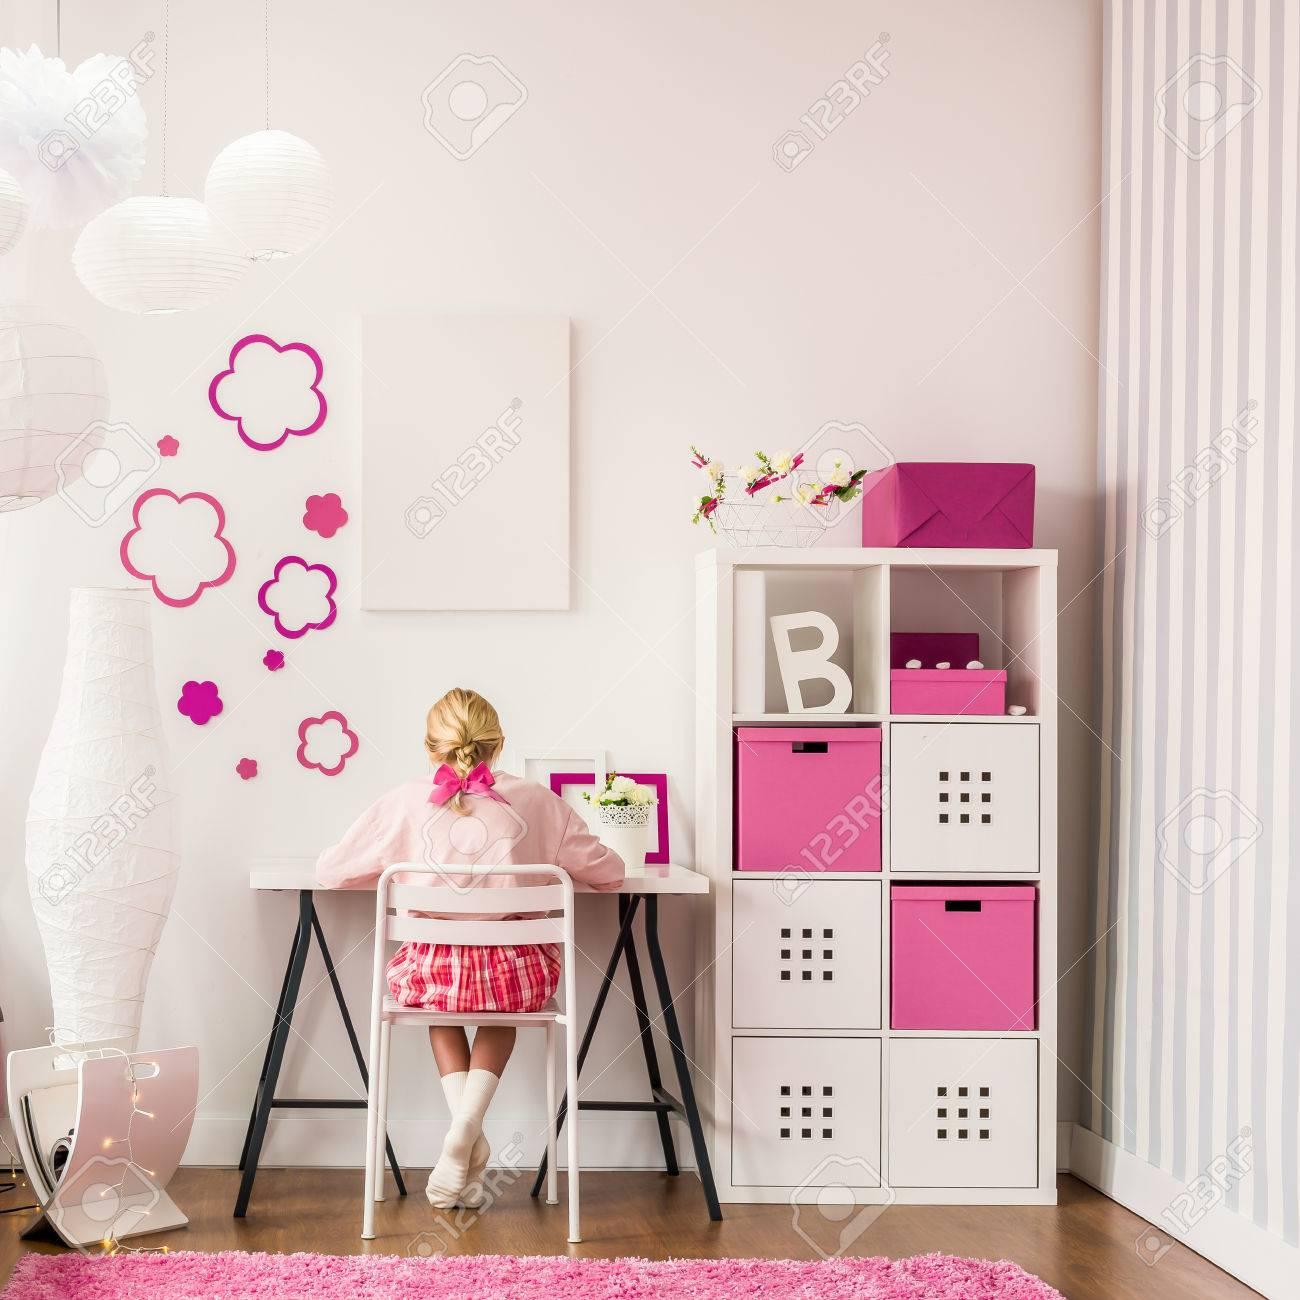 Une petite fille étudie dans sa jolie chambre moderne